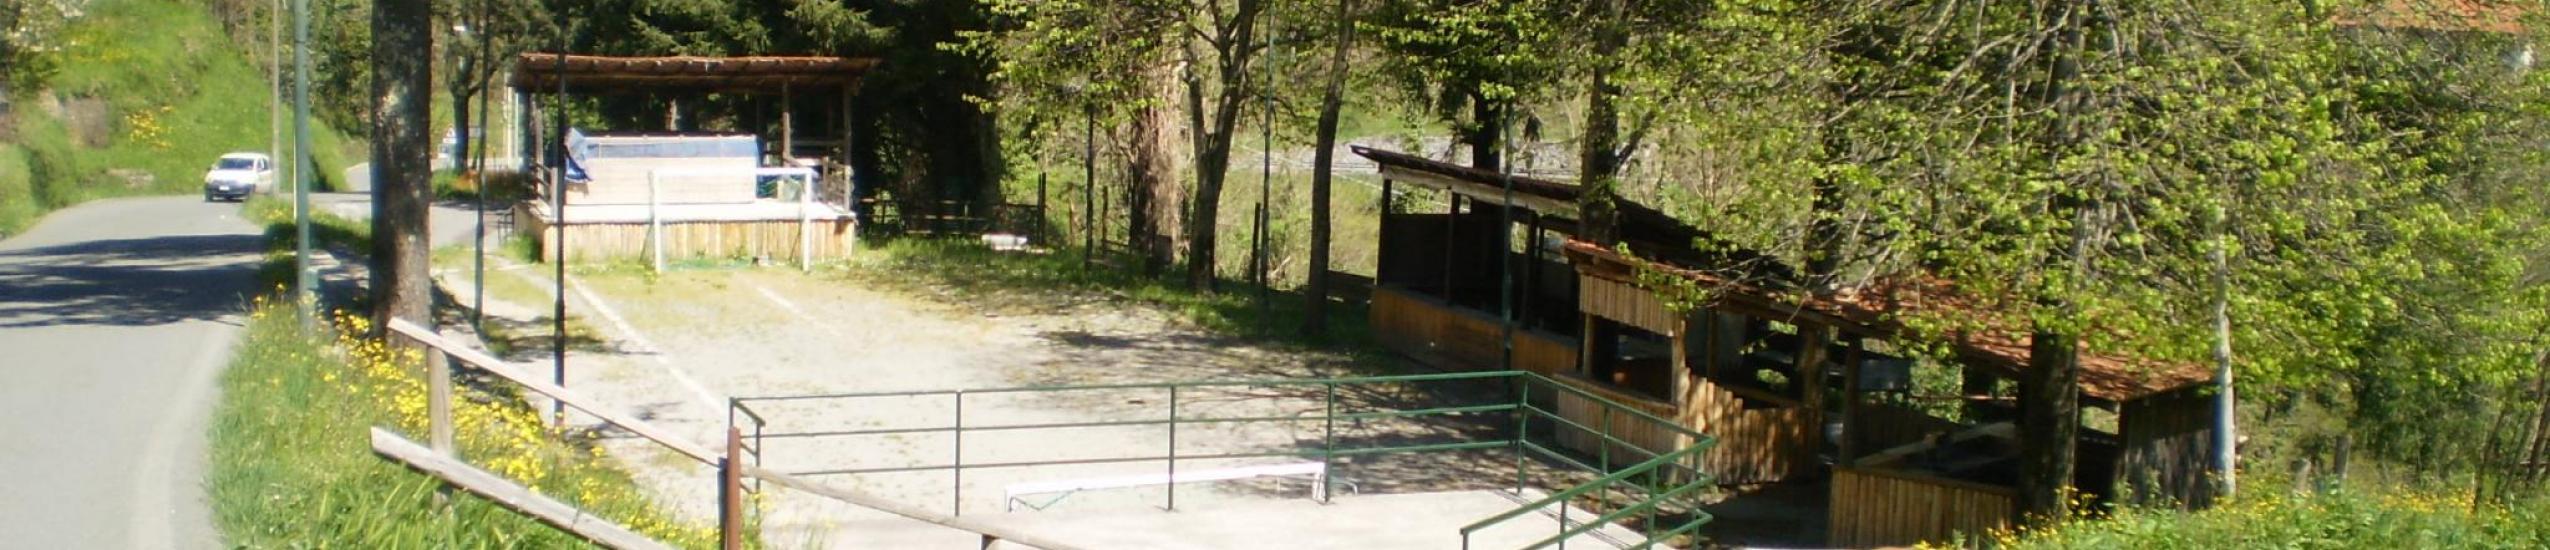 Area attrezzata